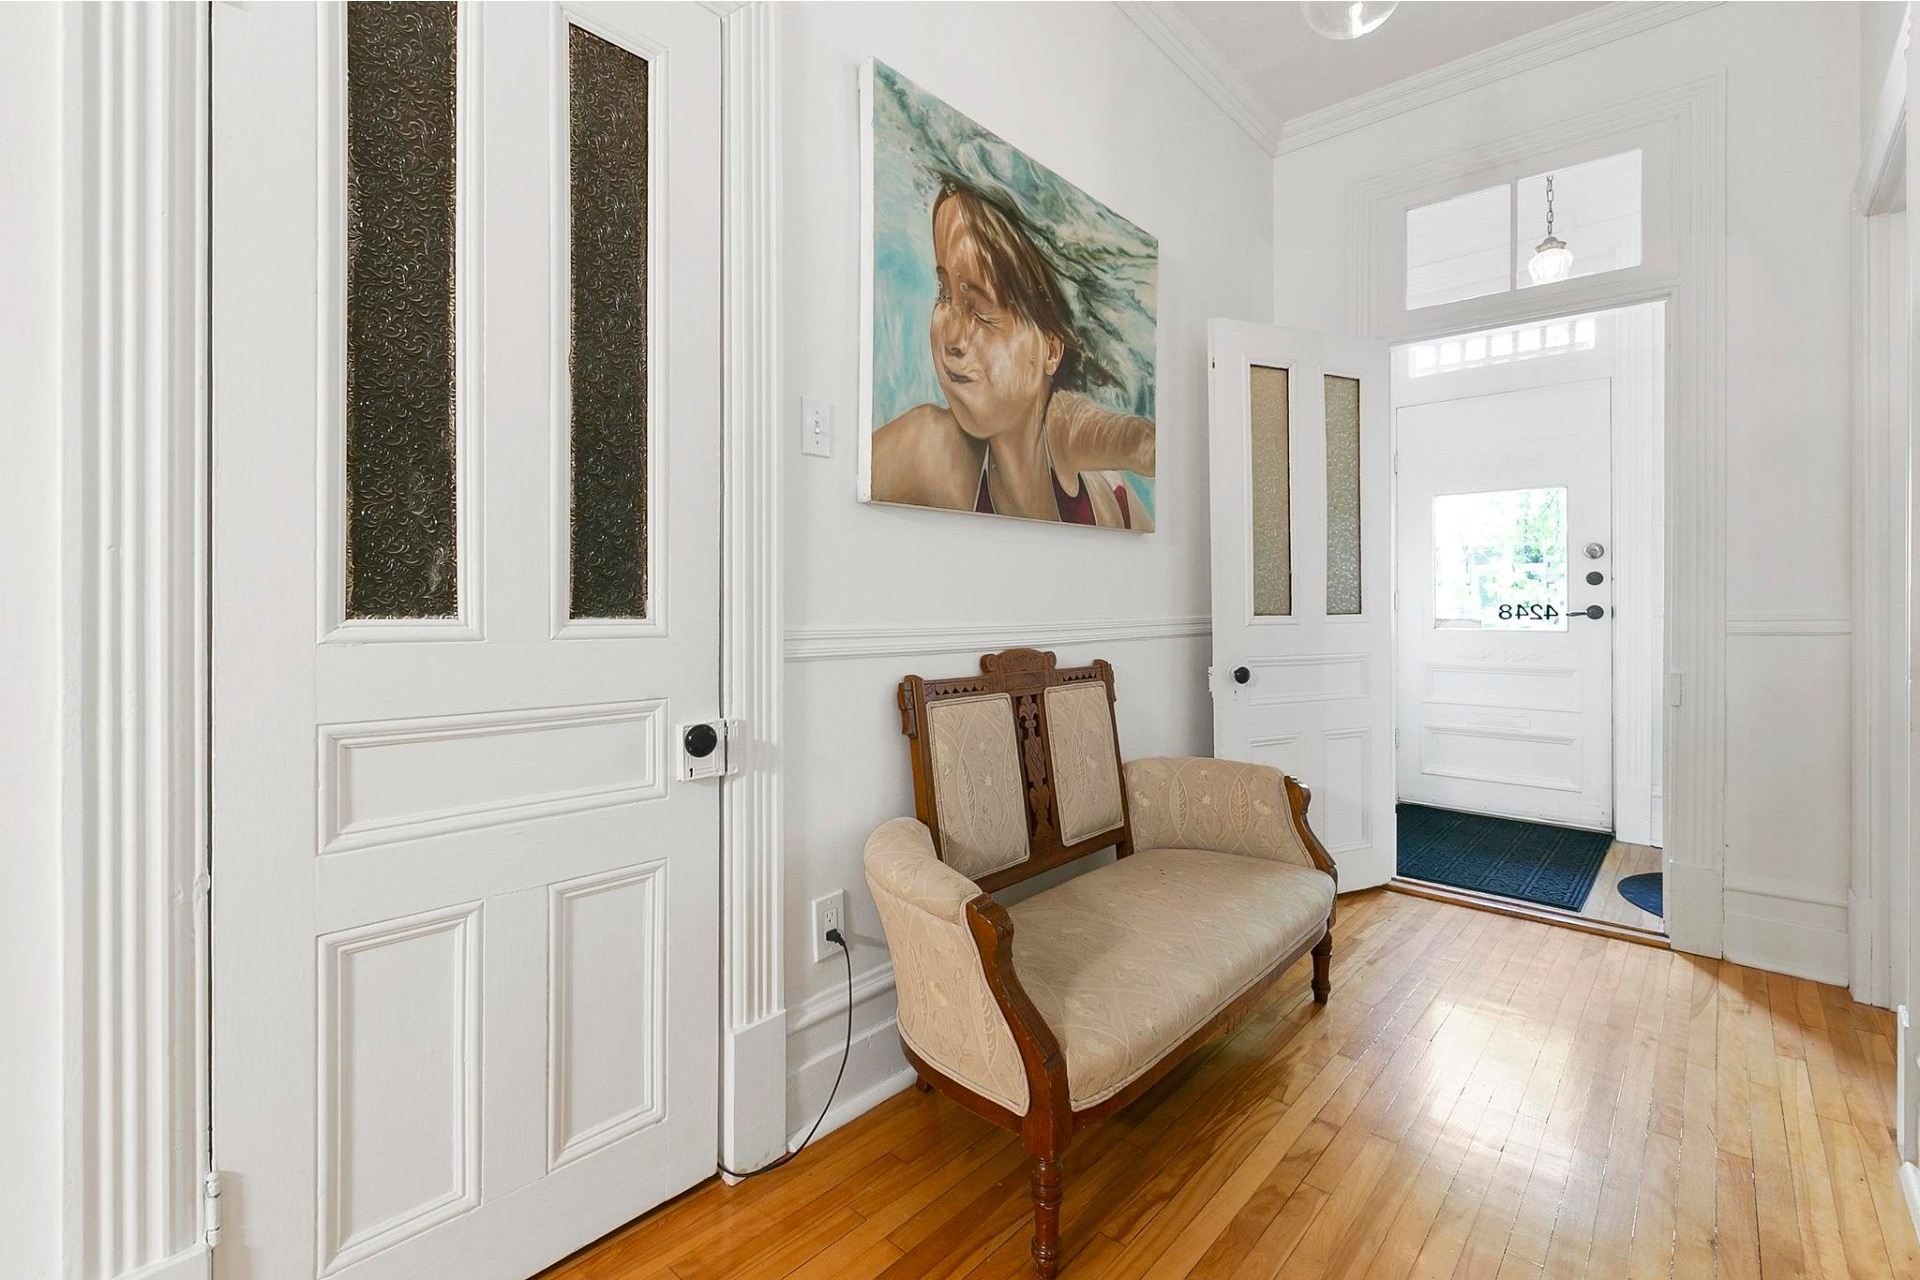 image 8 - Appartement À vendre Le Plateau-Mont-Royal Montréal  - 7 pièces